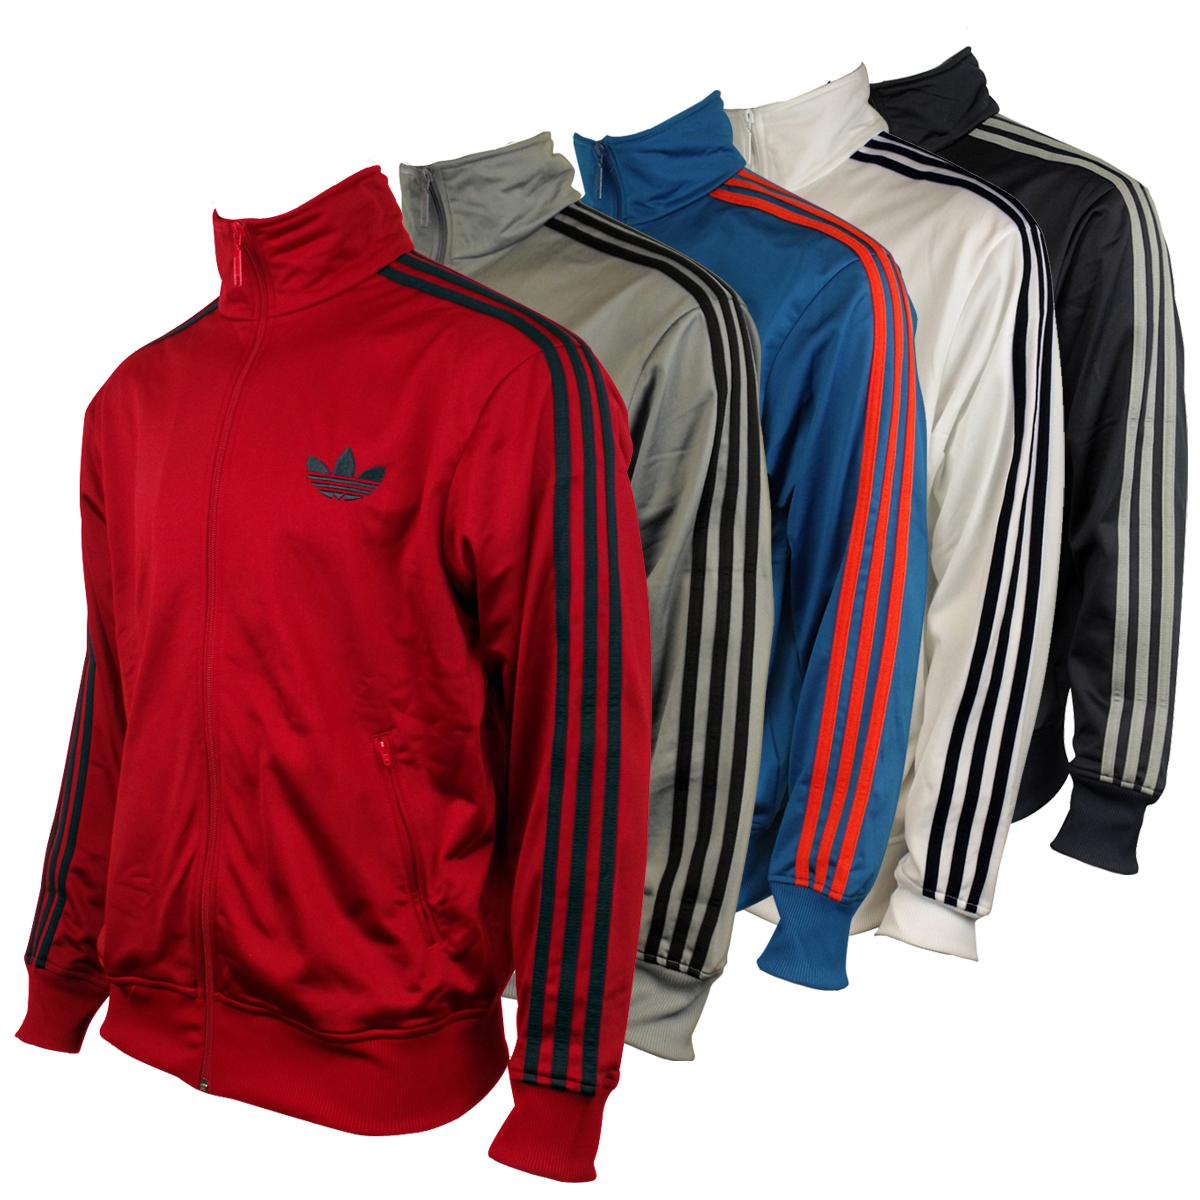 5577bf9fdee2d4 Image is loading Mens-Adidas-Originals-Firebird-Adi-TT-Trefoil-Track-